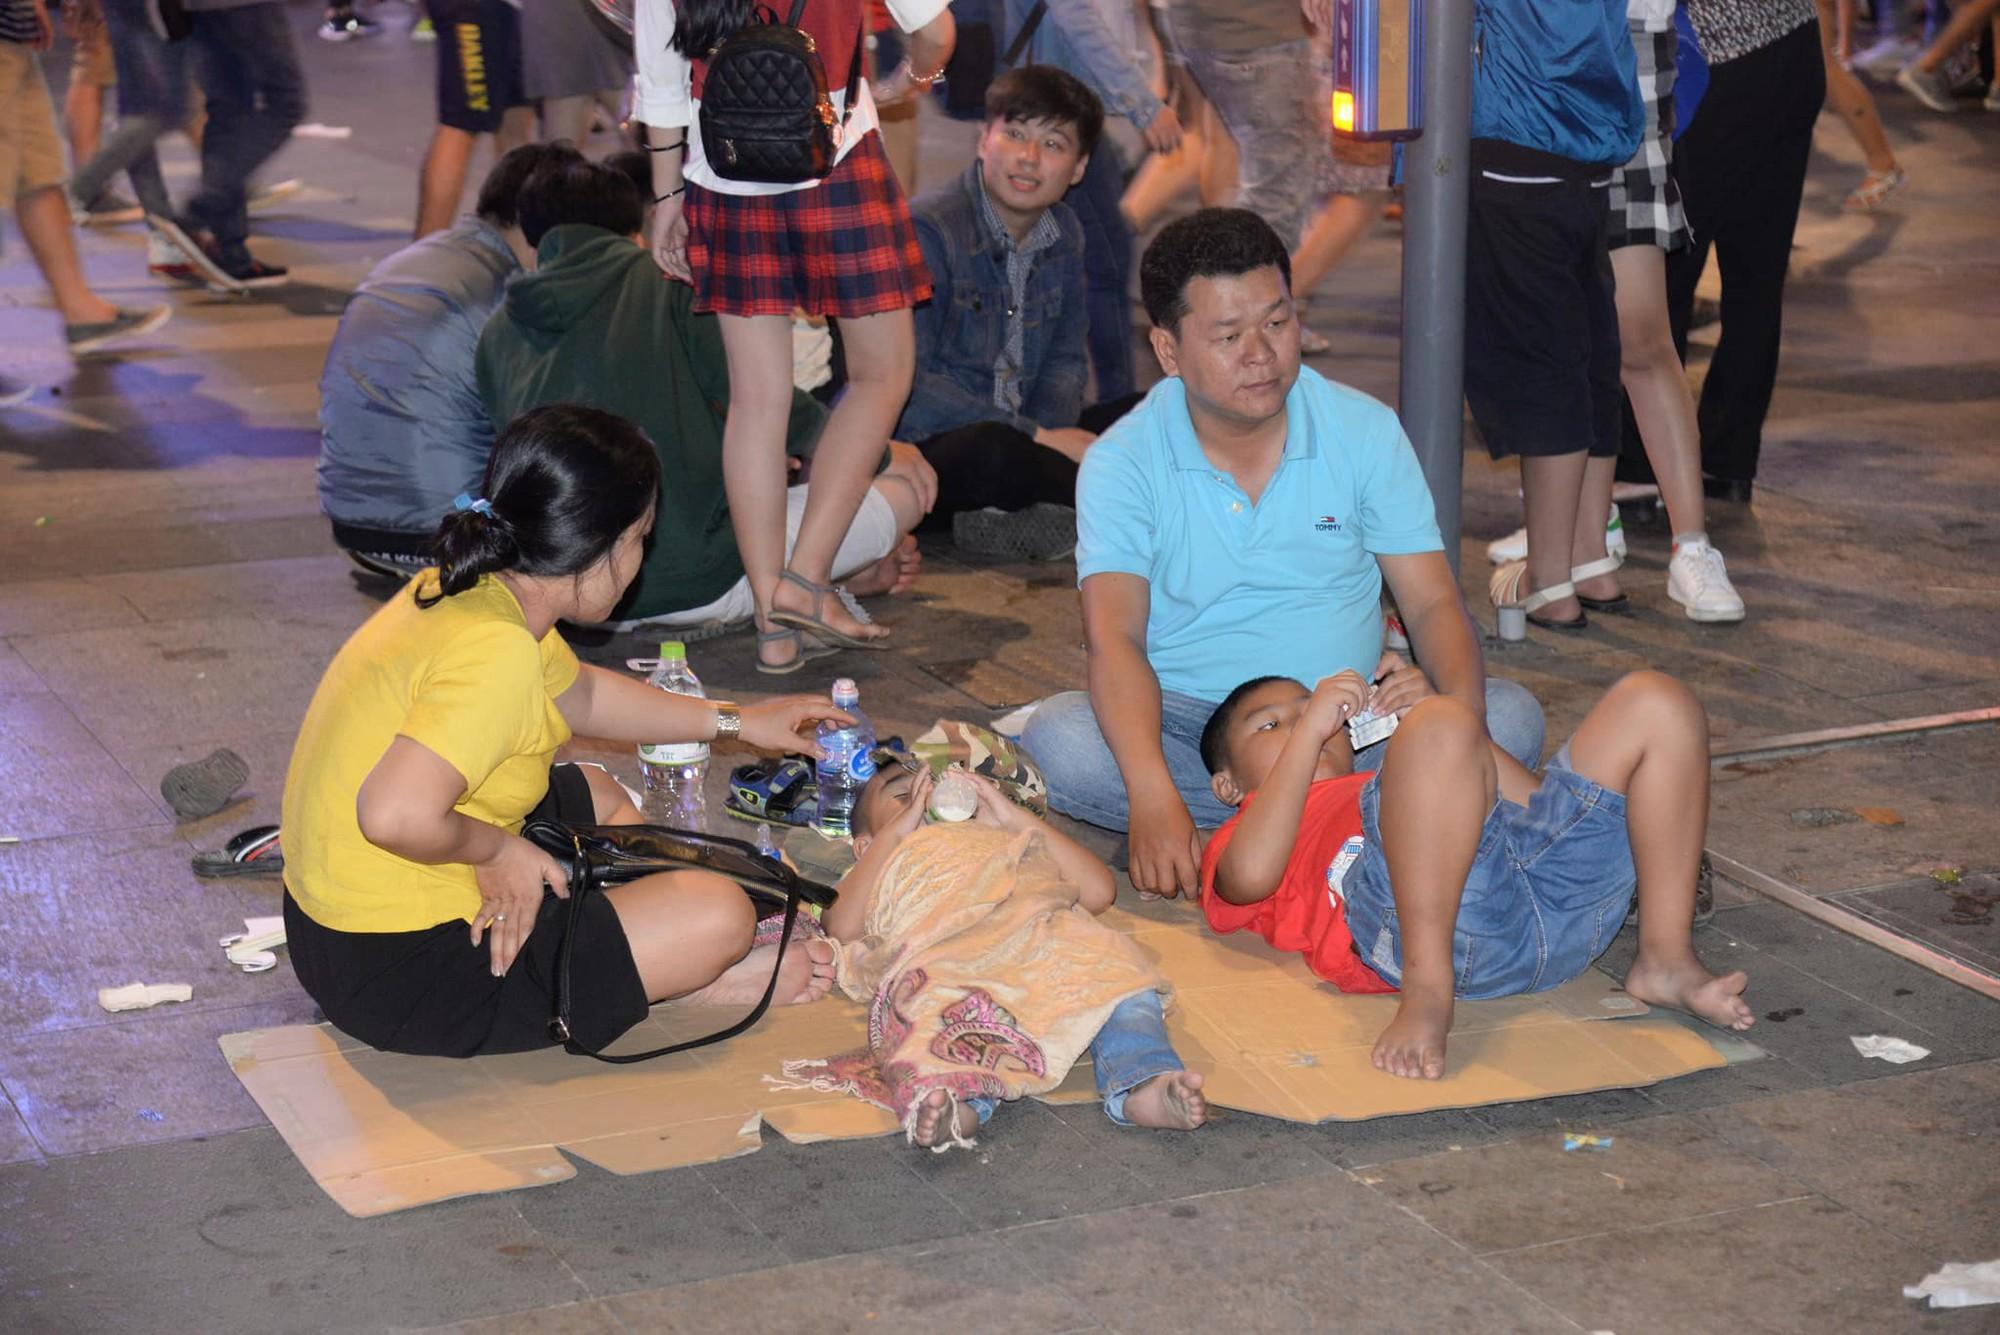 Hình ảnh nhìn thôi đã mệt: Thanh niên say bét nhè nằm lăn ra giữa phố đi bộ, trẻ con đi theo bố mẹ vạ vật chờ giao thừa - Ảnh 6.